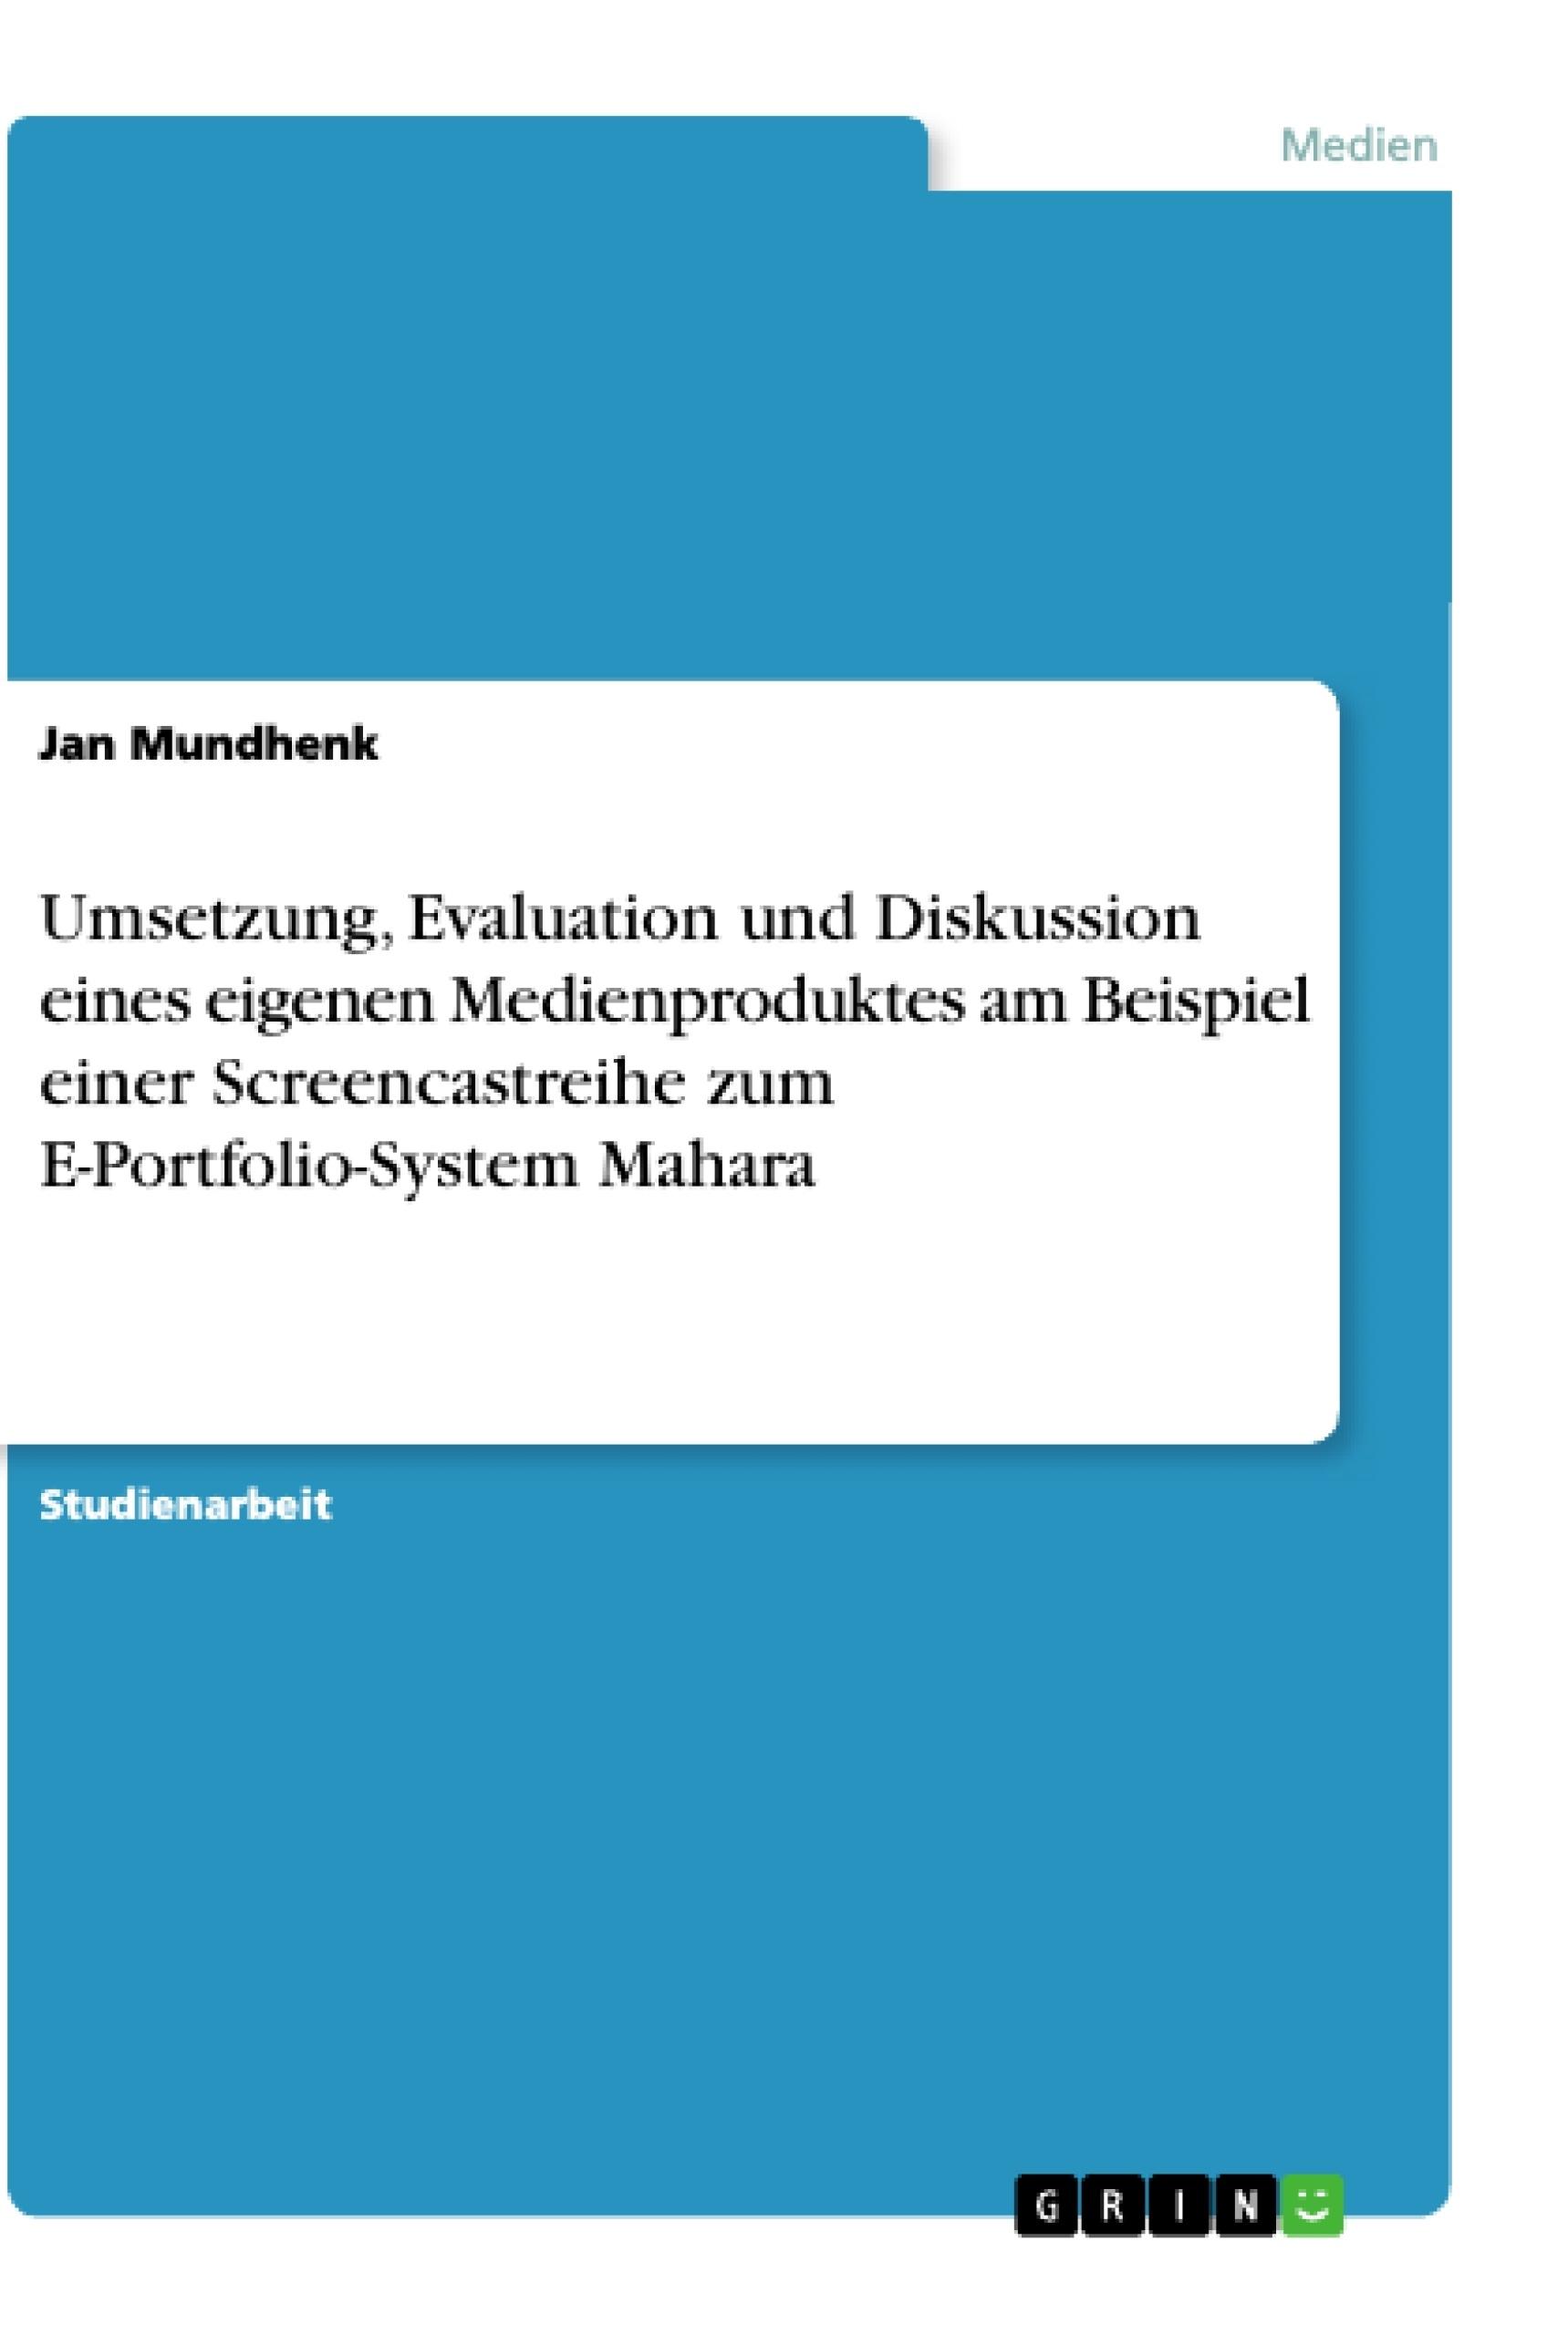 Titel: Umsetzung, Evaluation und Diskussion eines eigenen Medienproduktes am Beispiel einer Screencastreihe zum E-Portfolio-System Mahara